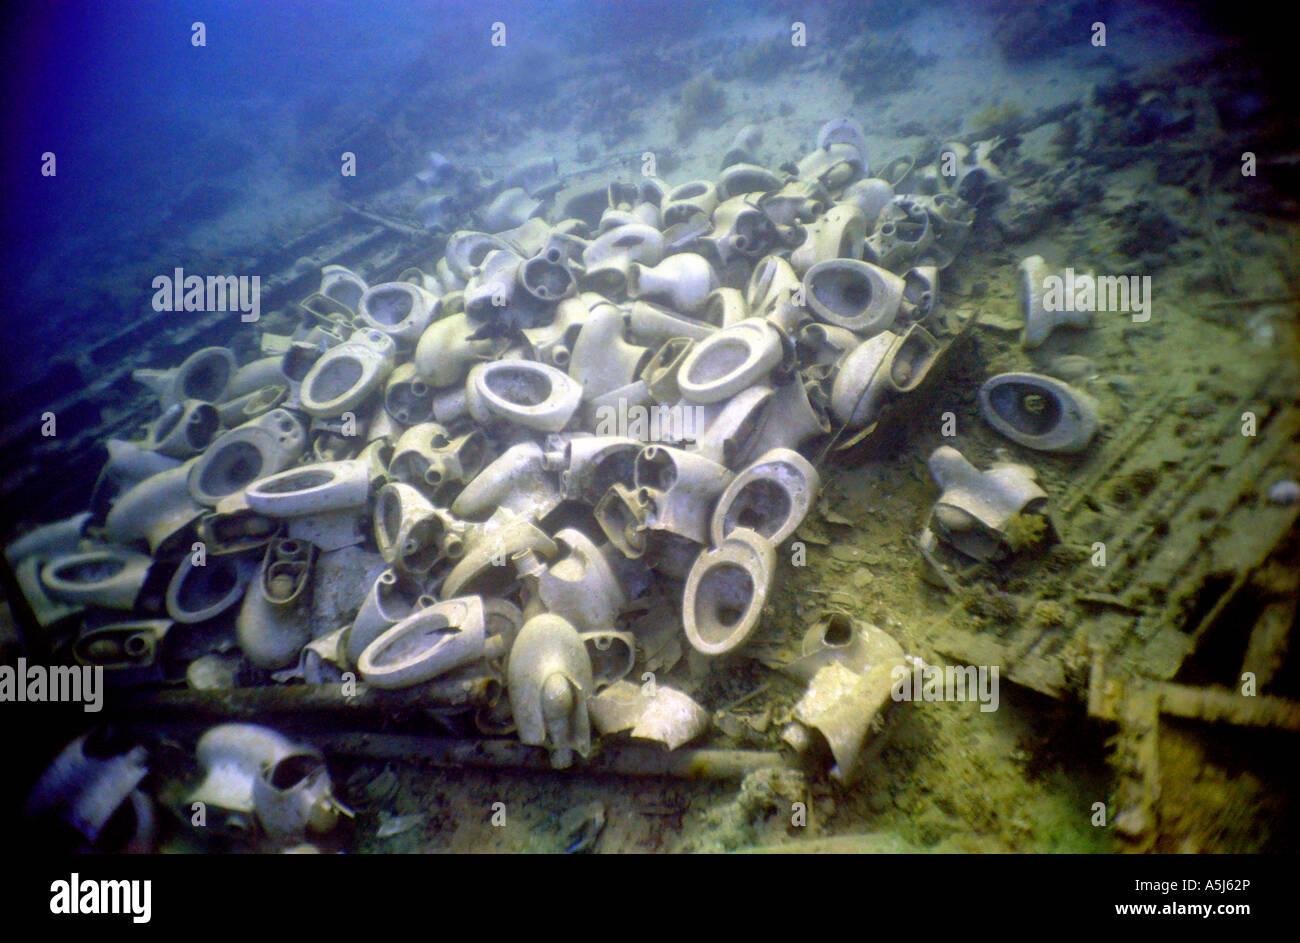 Toilet bowls at the ship wreck site of the Yolanda at Ras